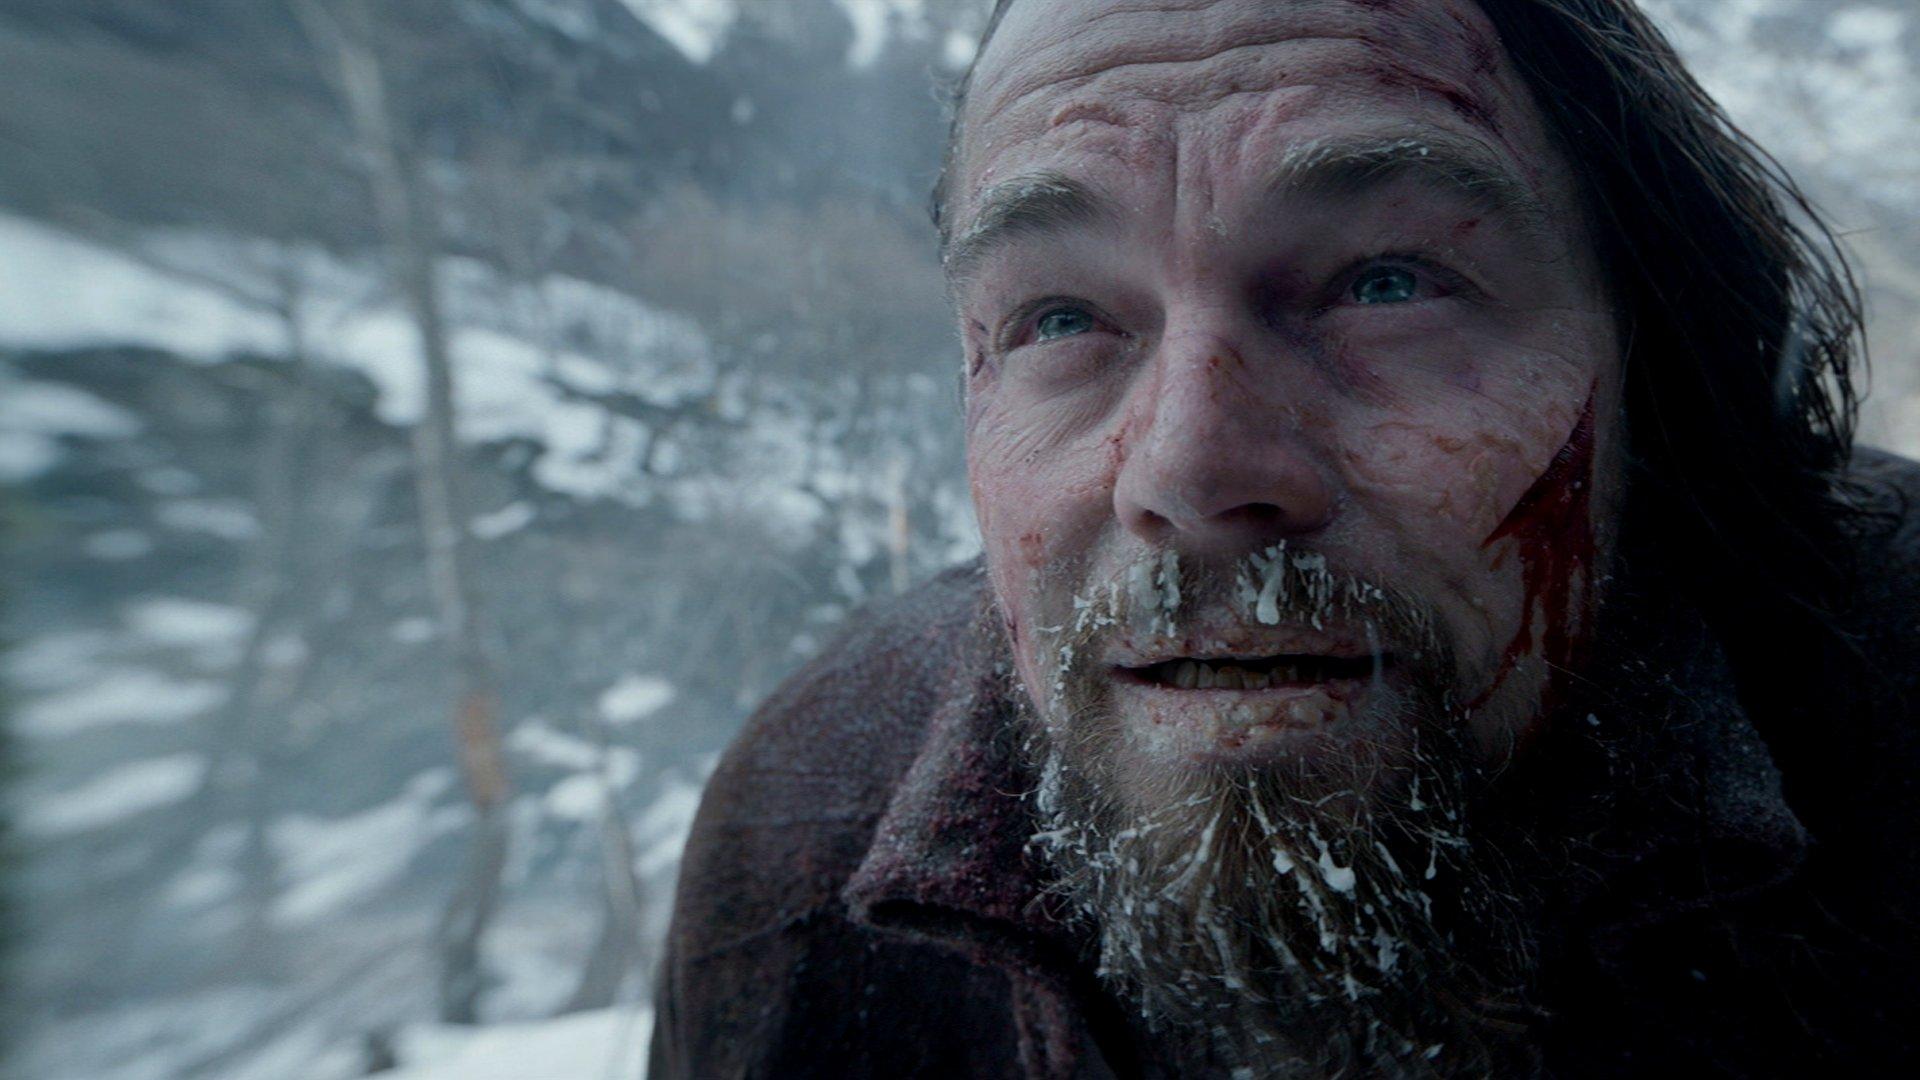 DiCaprio doopravdy mrzl